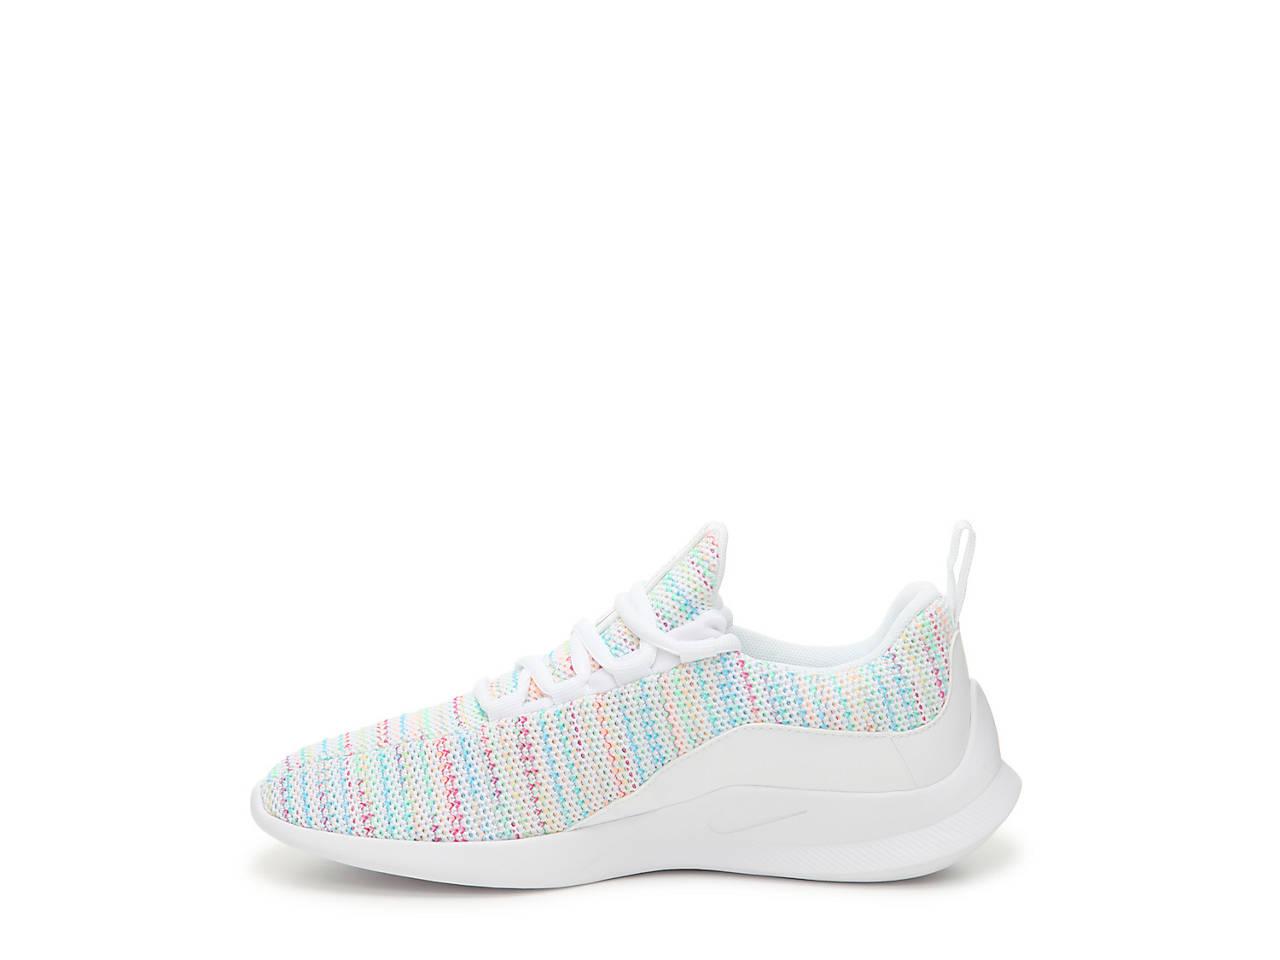 241208339ecd Nike Viale Space Dye Youth Sneaker Kids Shoes